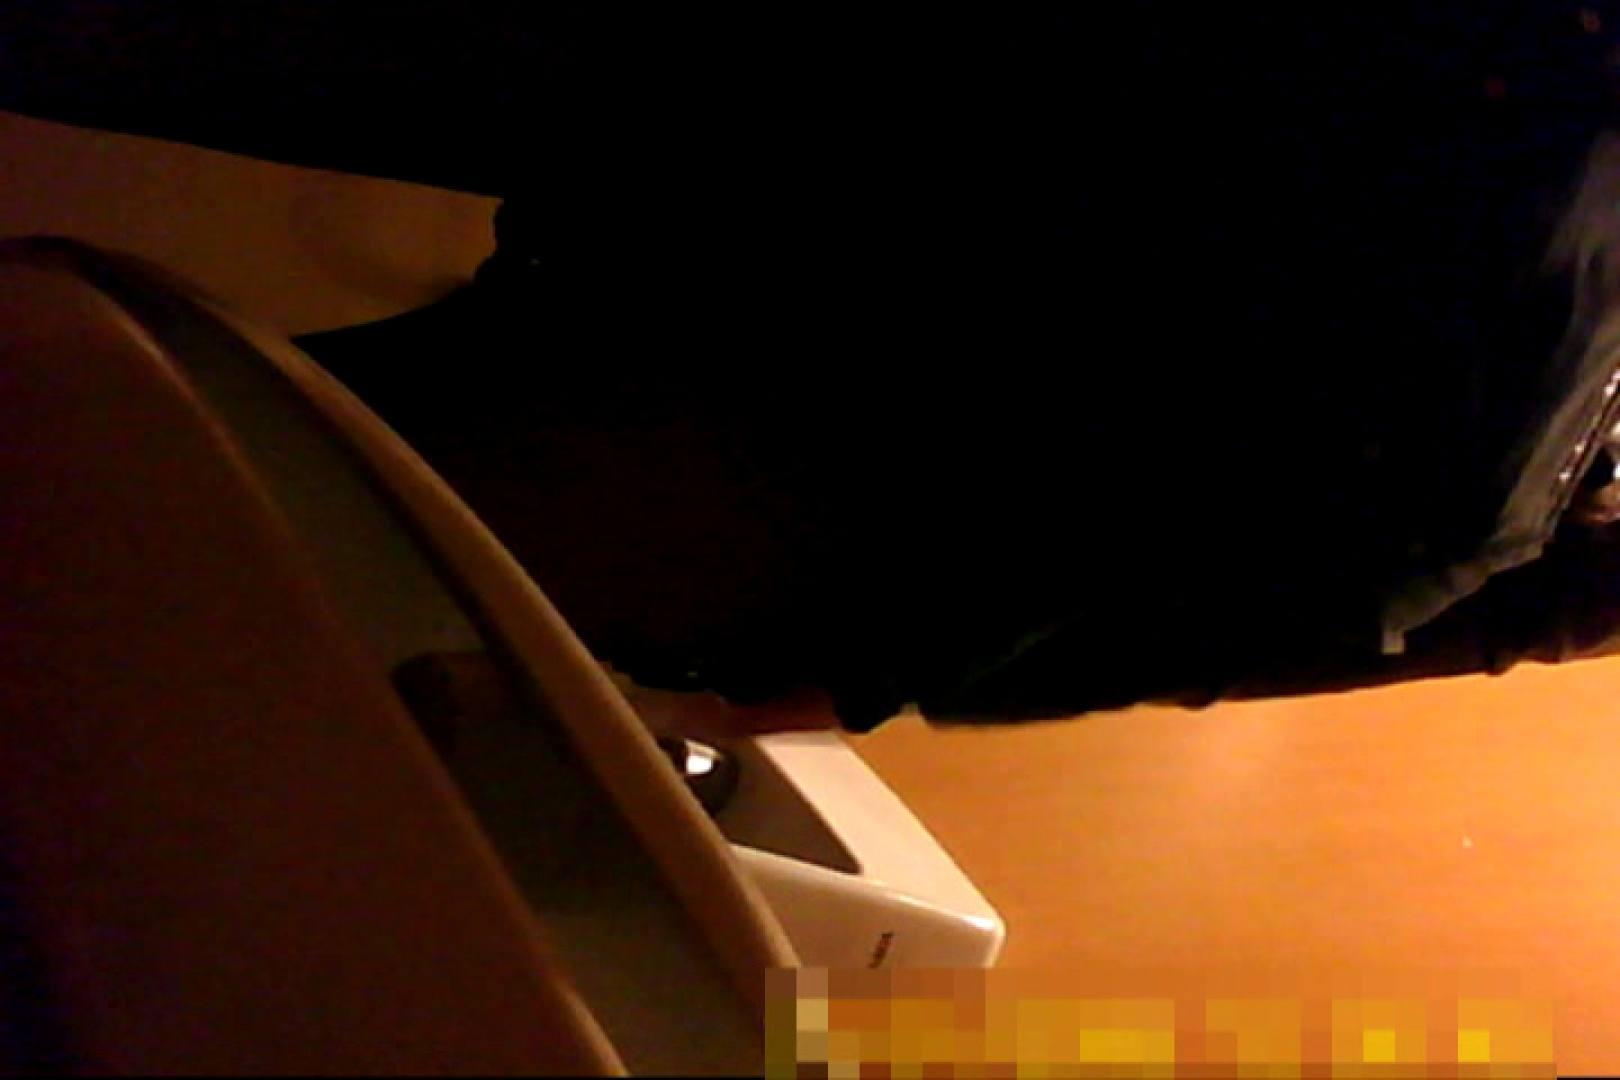 魅惑の化粧室~禁断のプライベート空間~27 丸見えマンコ 隠し撮りオマンコ動画紹介 106PIX 44